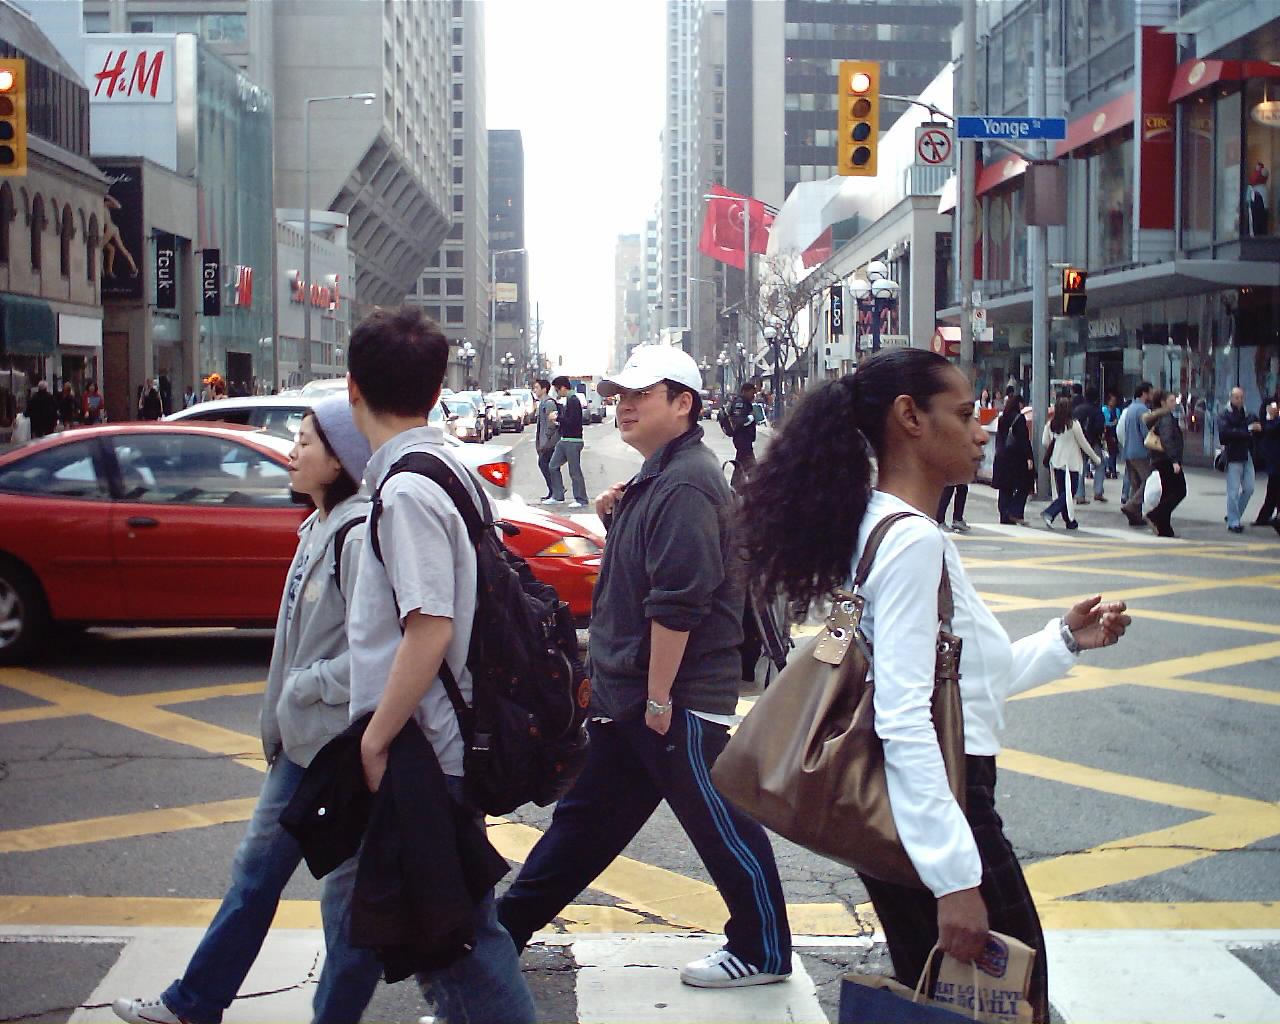 Photo of pedestrians at Bloor & Yonge